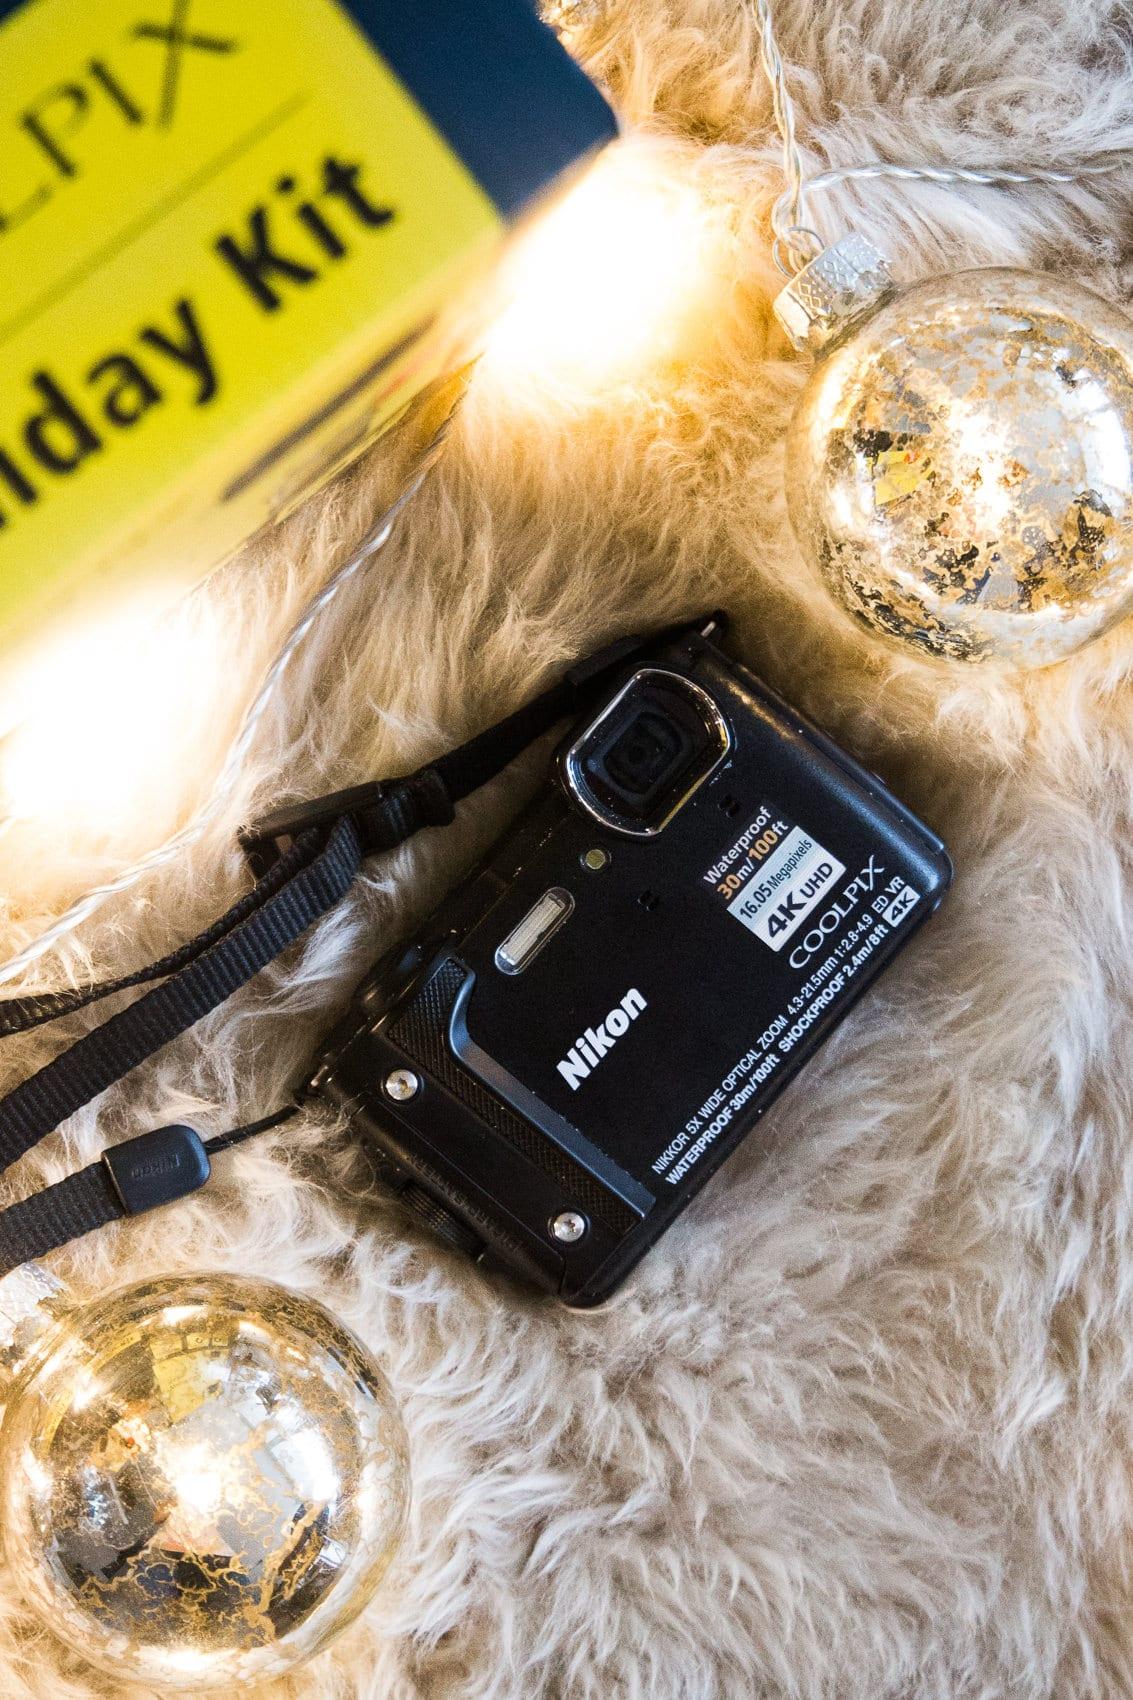 Des Belles Choses Adventskalender Türchen 6: Nikon Kamera im Wert von 450 Euro